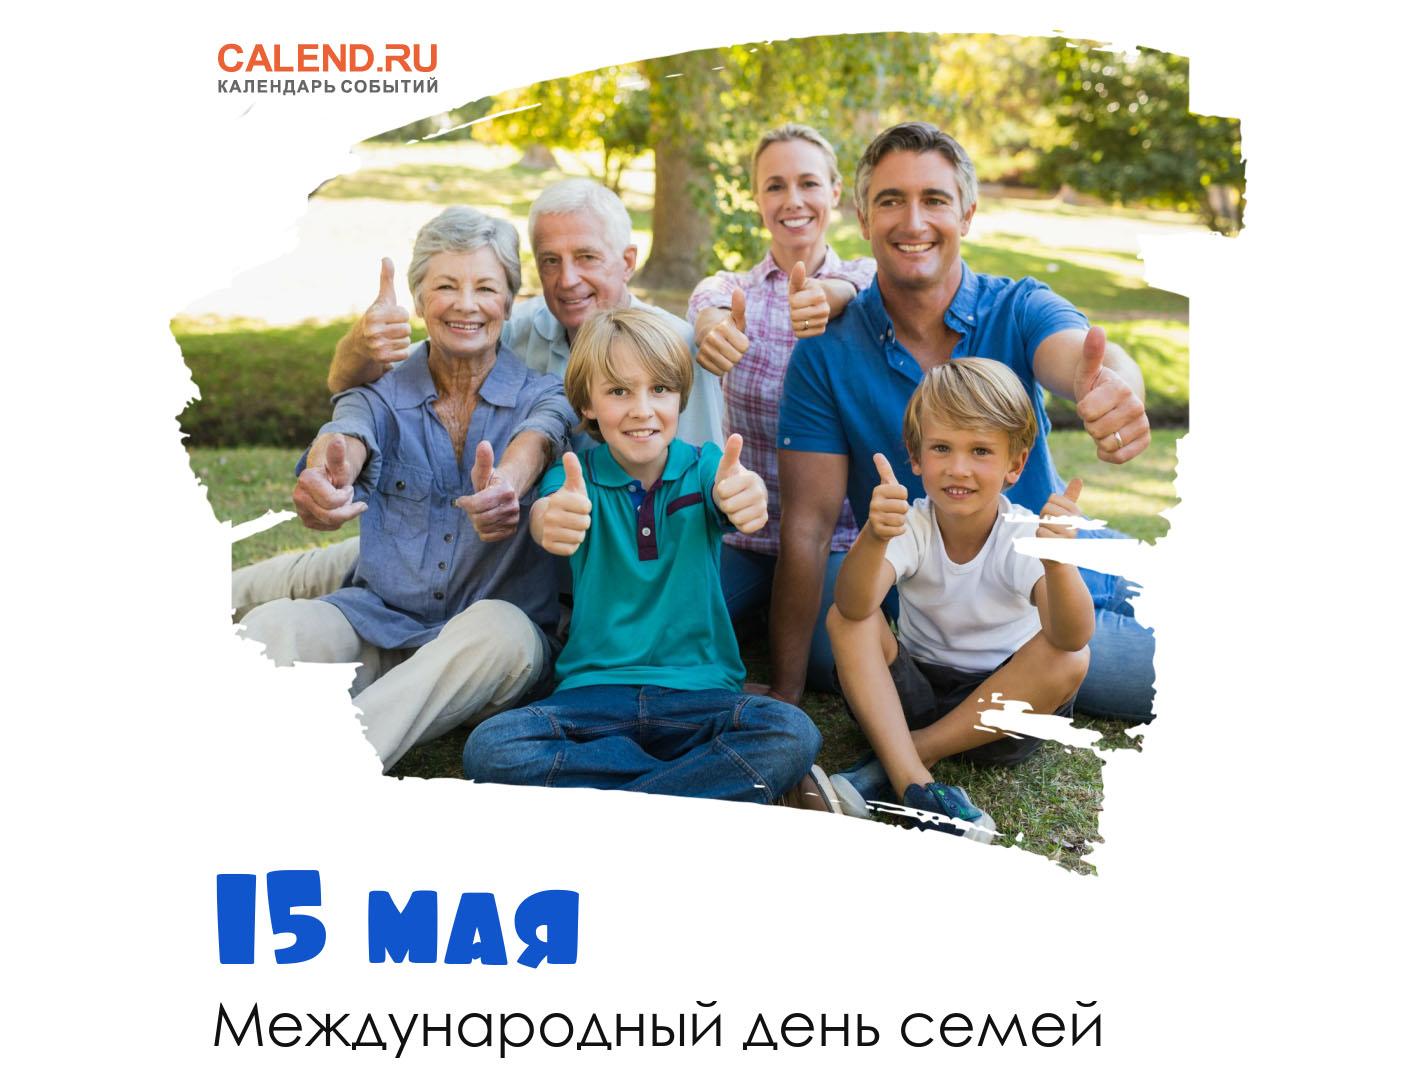 15 мая - Международный день семей